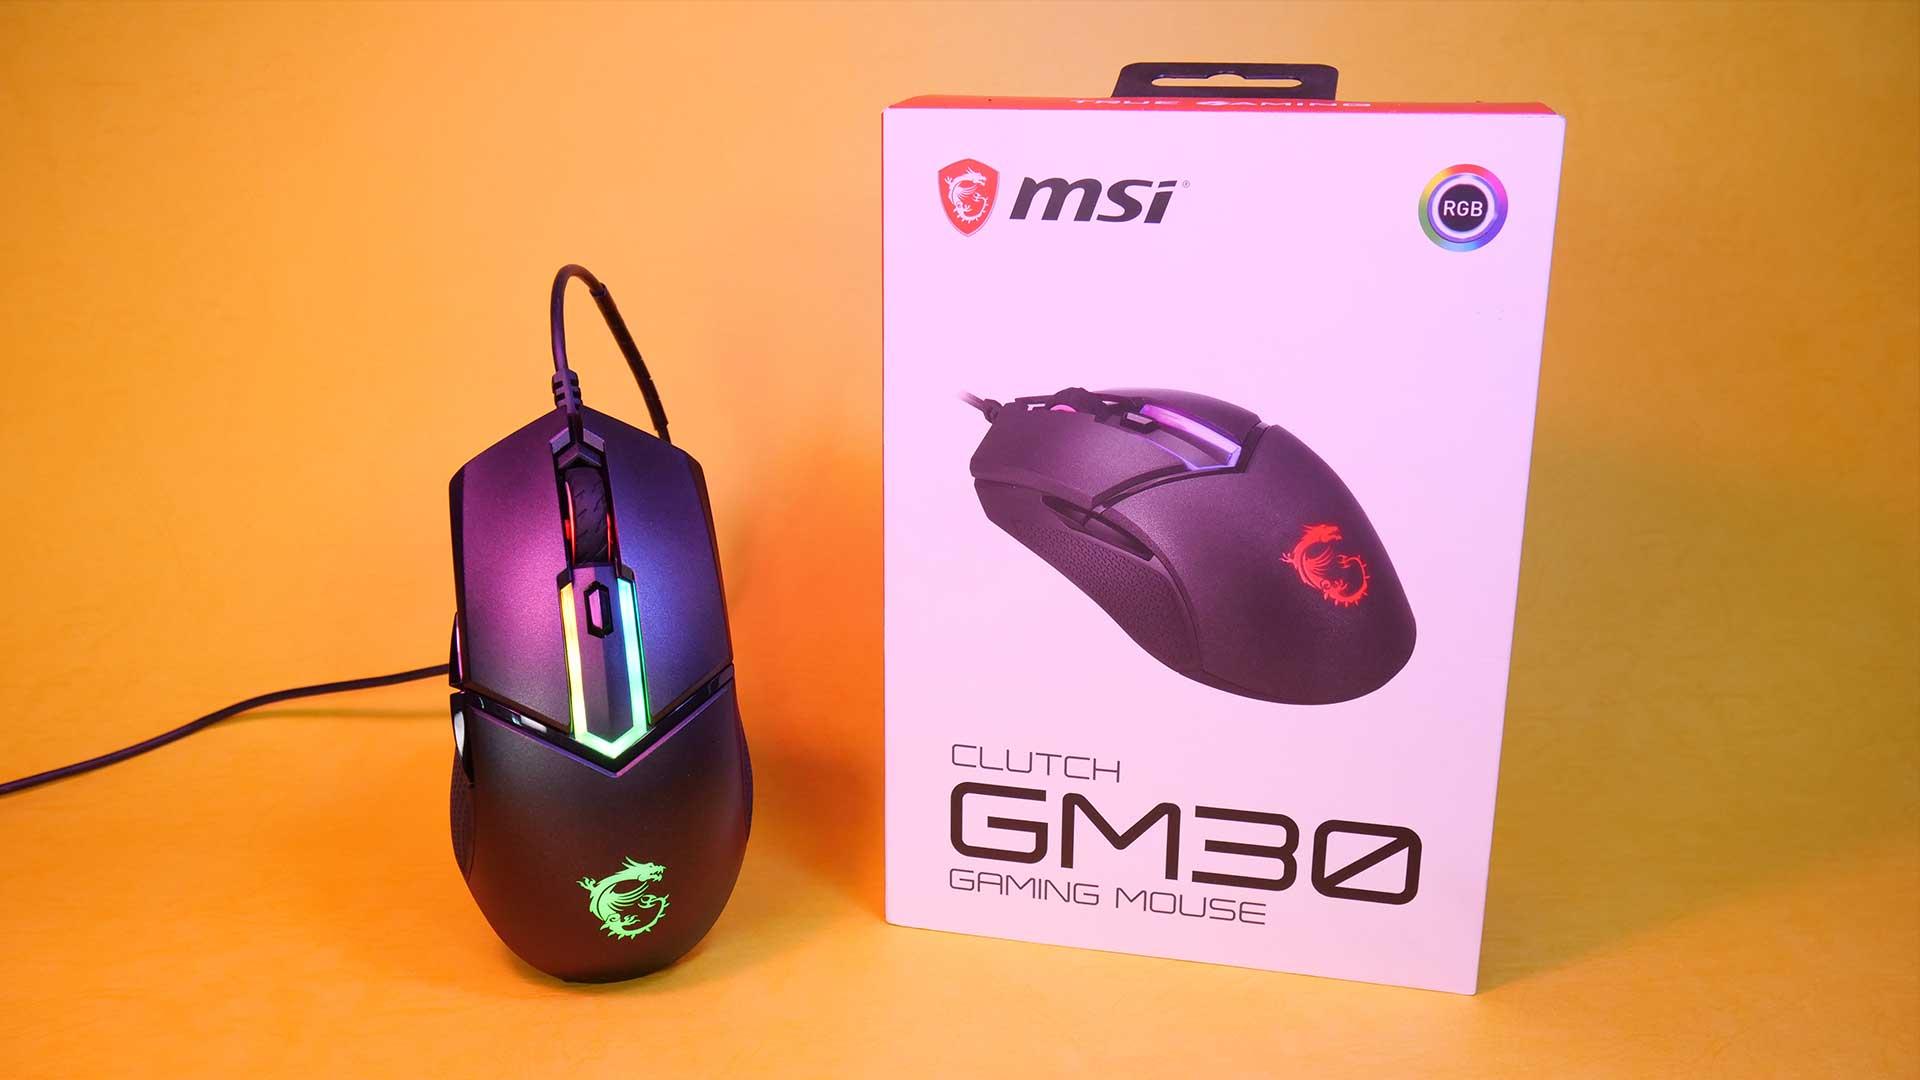 MSI-Clutch-GM30-2